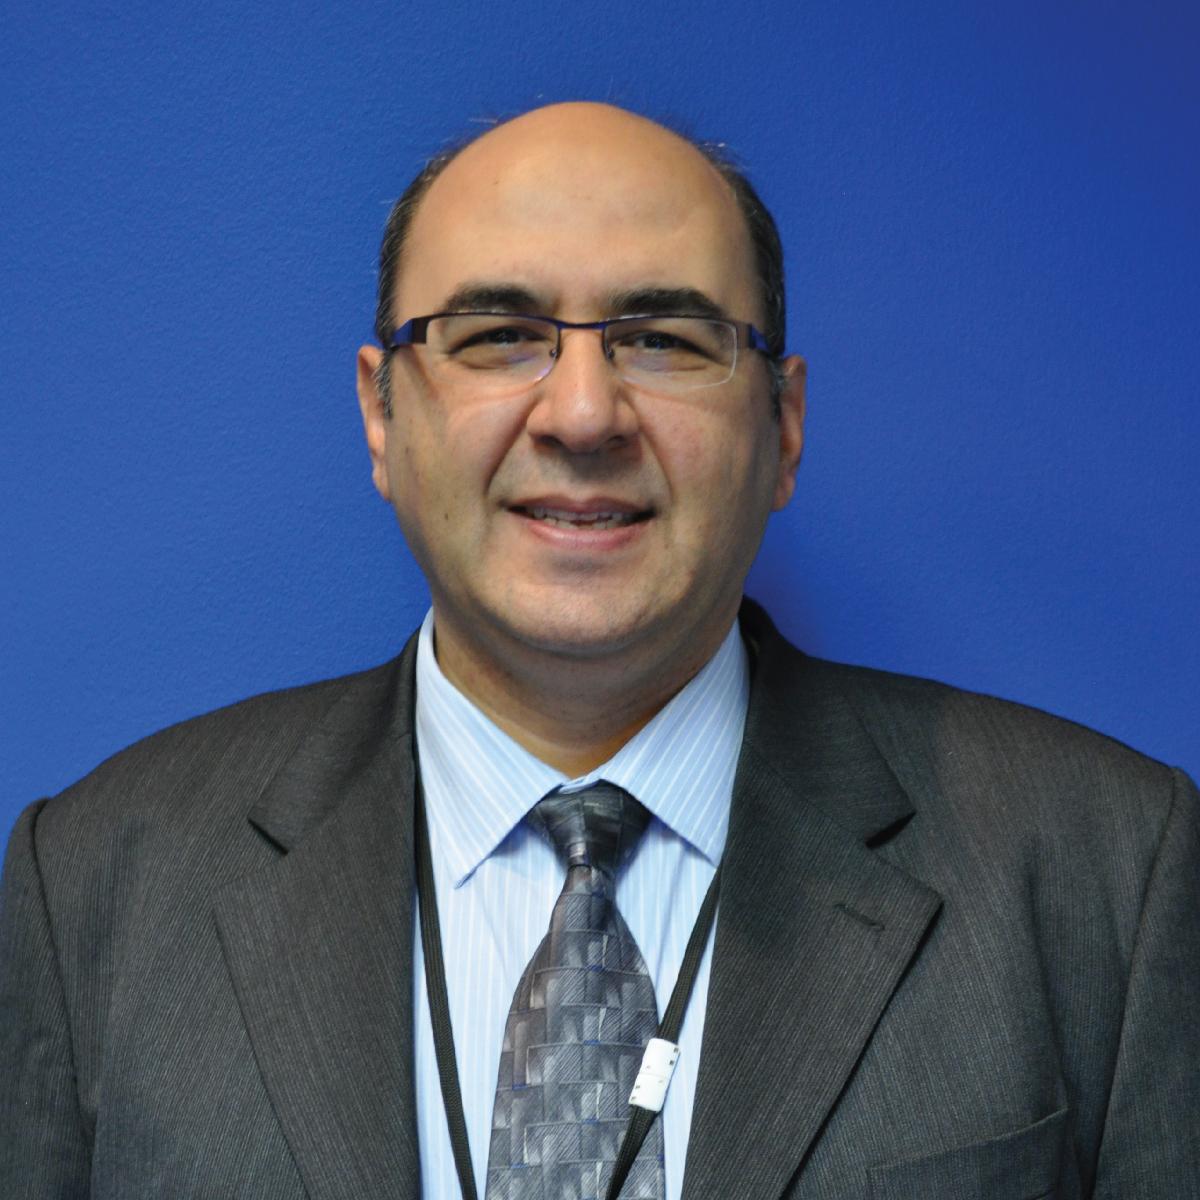 Edmund Khashadourian, Ph.D.